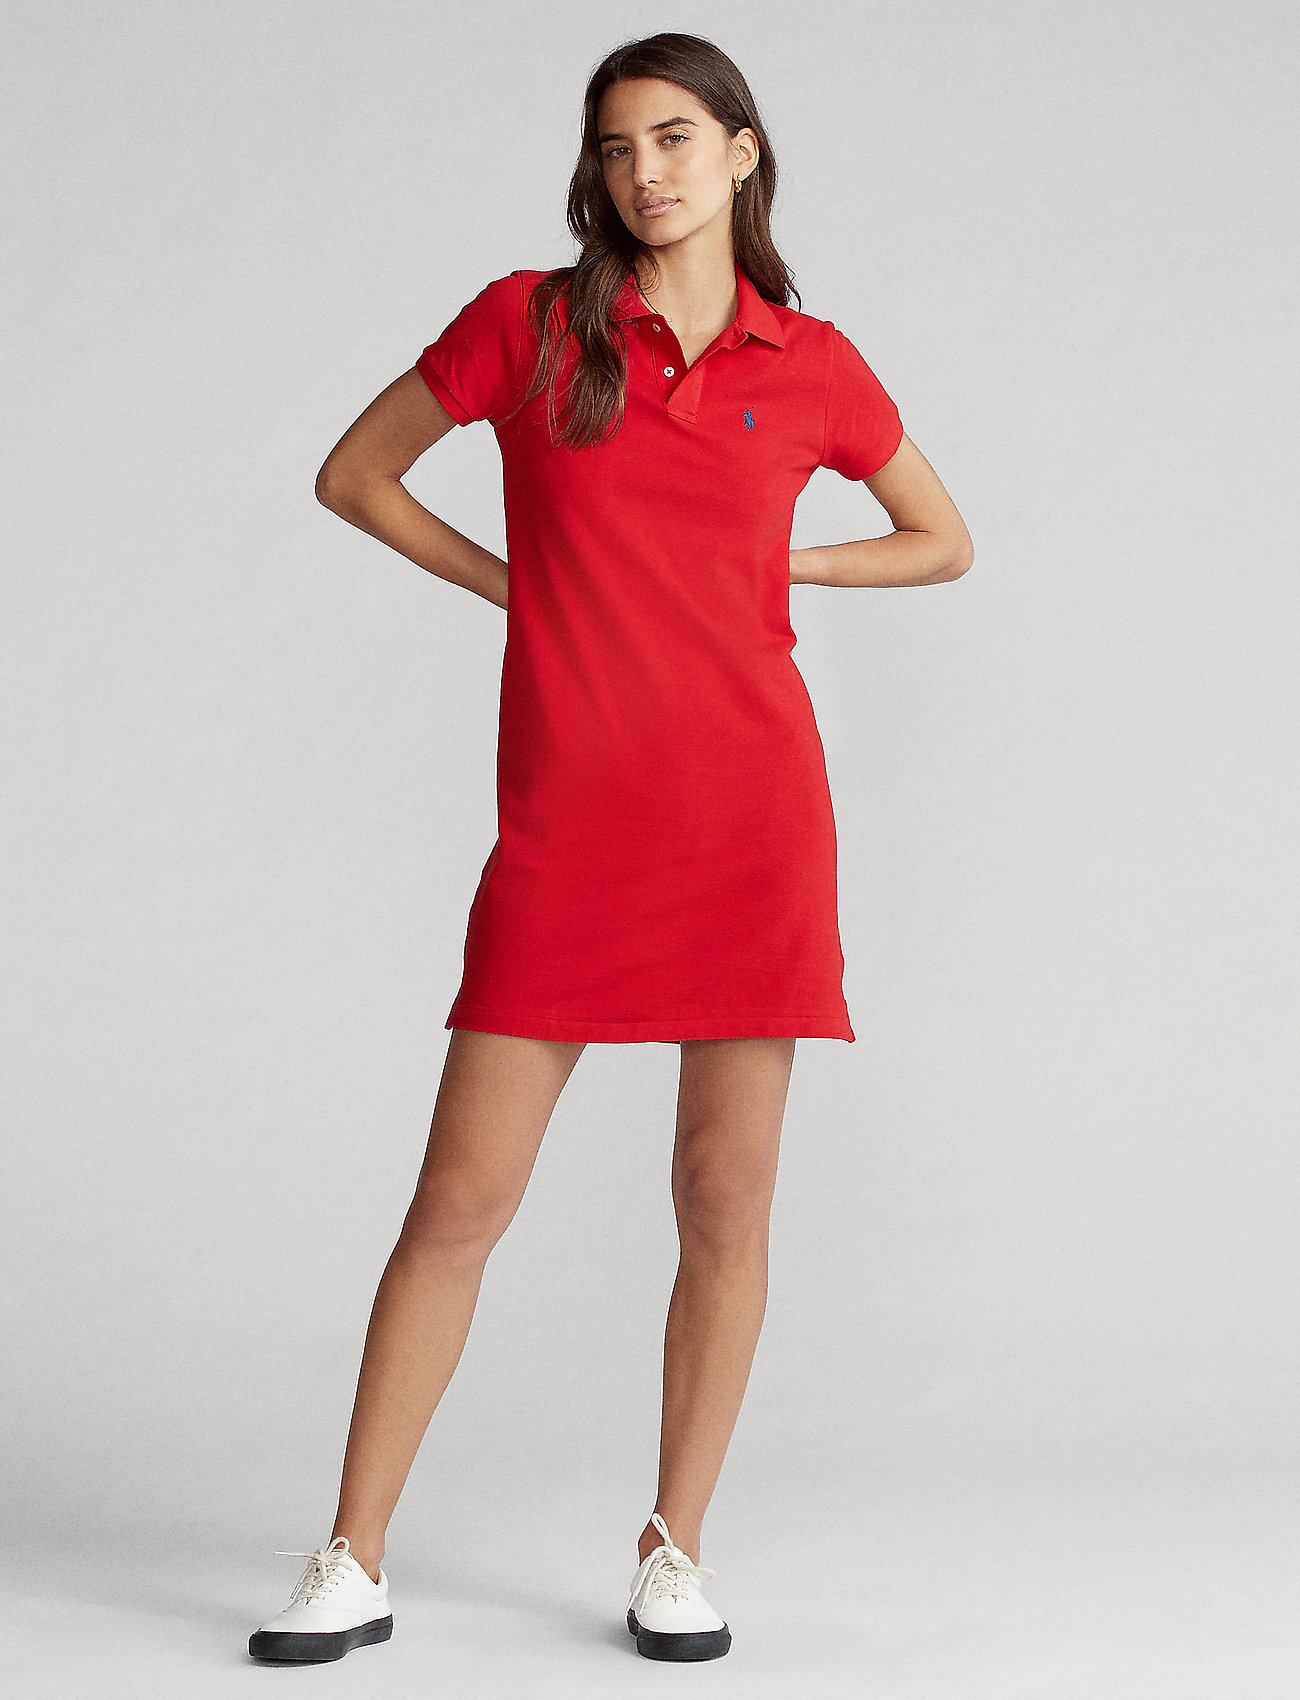 Polo Ralph Lauren - Cotton Polo Dress - hverdagskjoler - rl 2000 red/c7998 - 0